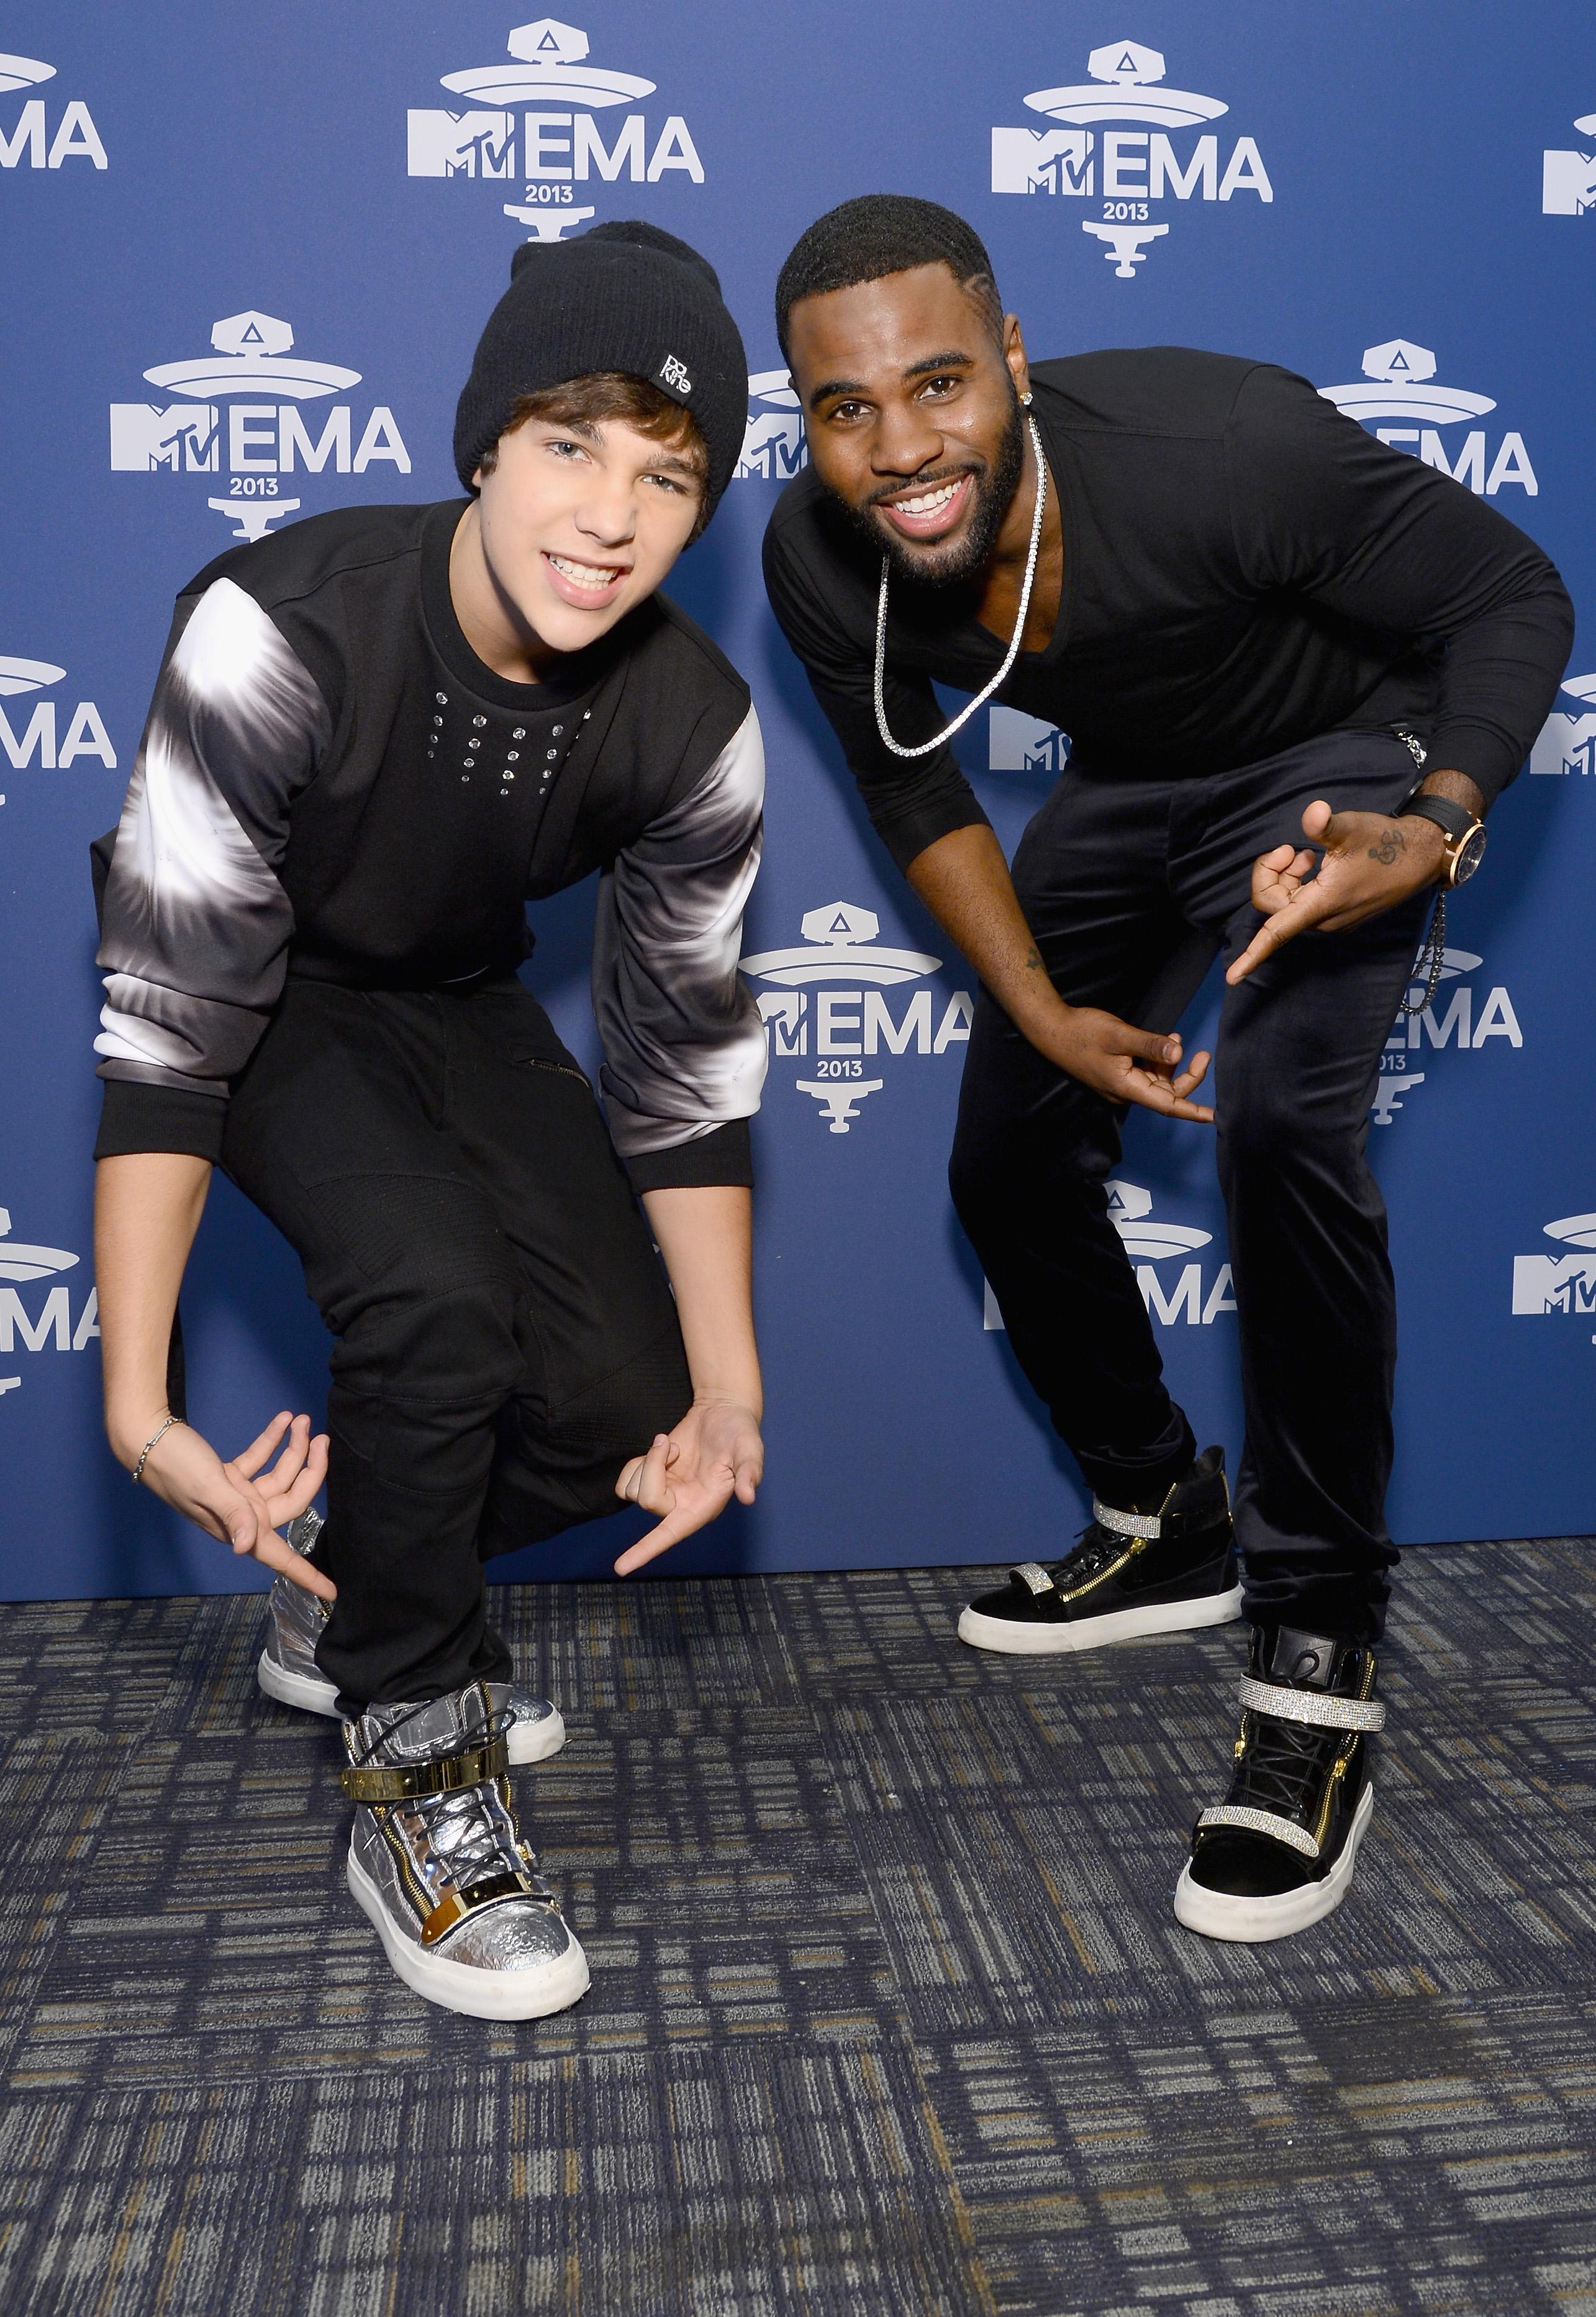 MTV 2013 UEMA US Telecast – Meet & Greet